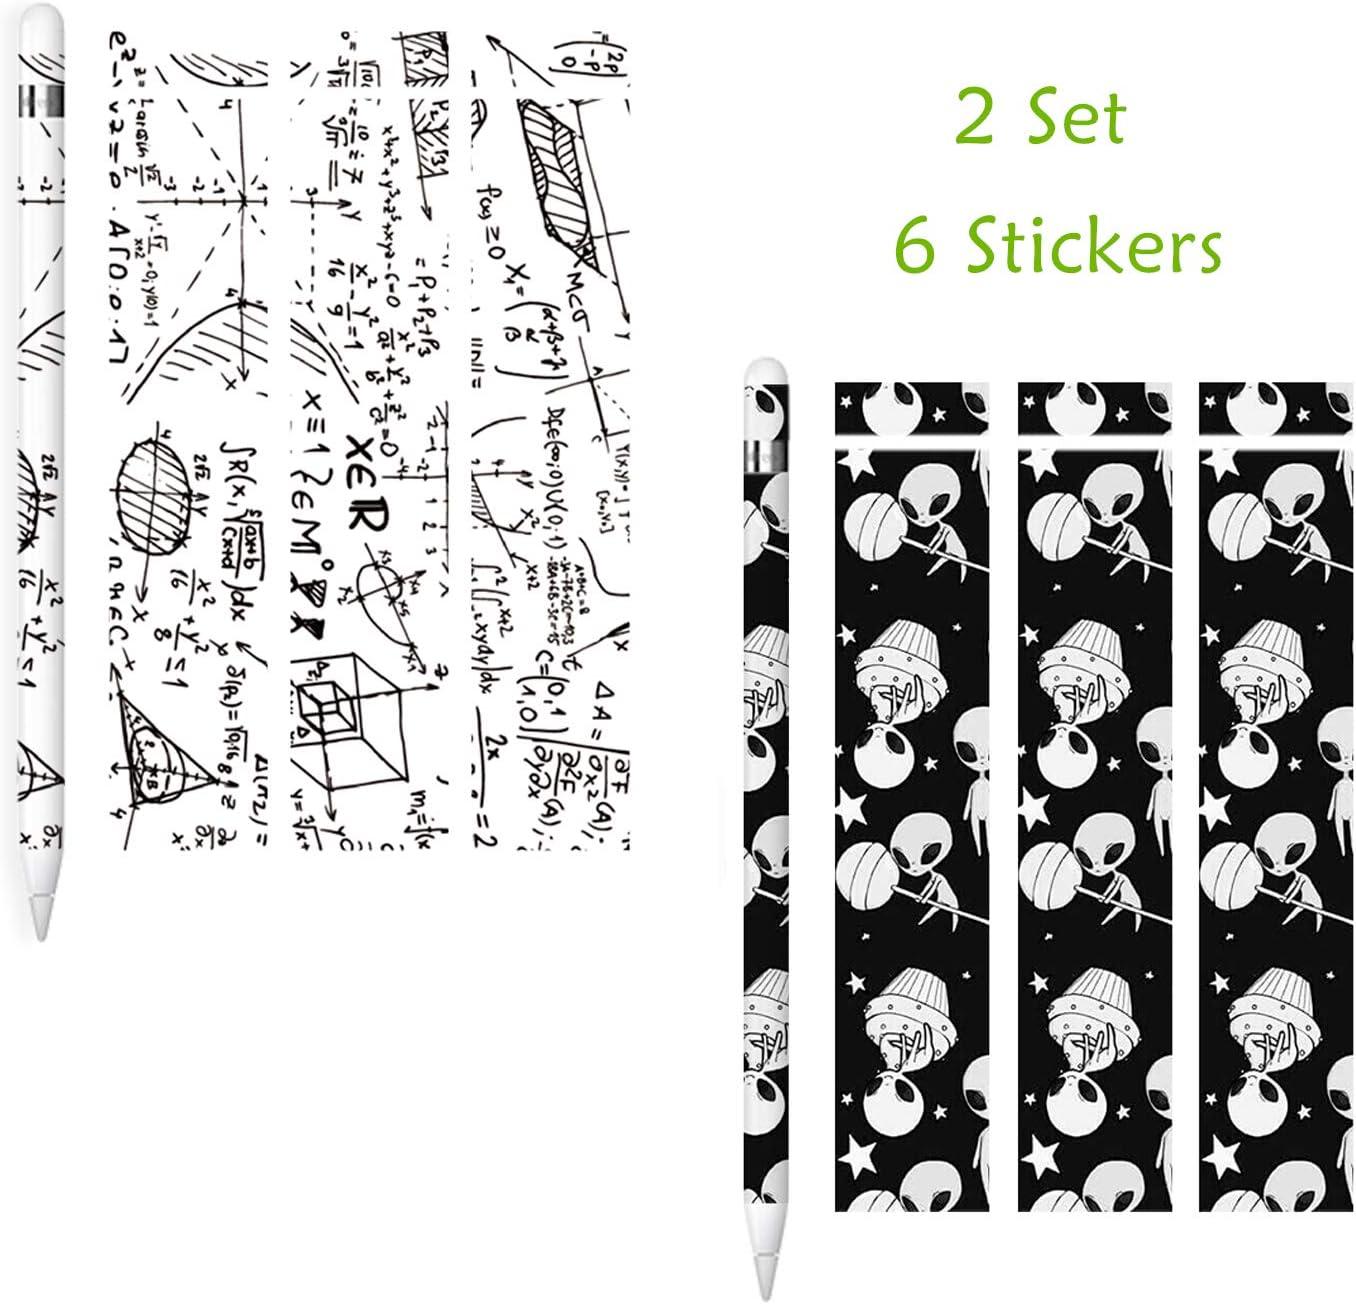 Antiara/ñazos Calcoman/ía Skin Sticker para iPencil 1 Gen - Blanco /& Negro 2 Hojas // 6 calcoman/ías Adhesivo Pel/ícula Decorativo Protectora sciuU Pegatina para Apple Pencil 1ra Generaci/ón,